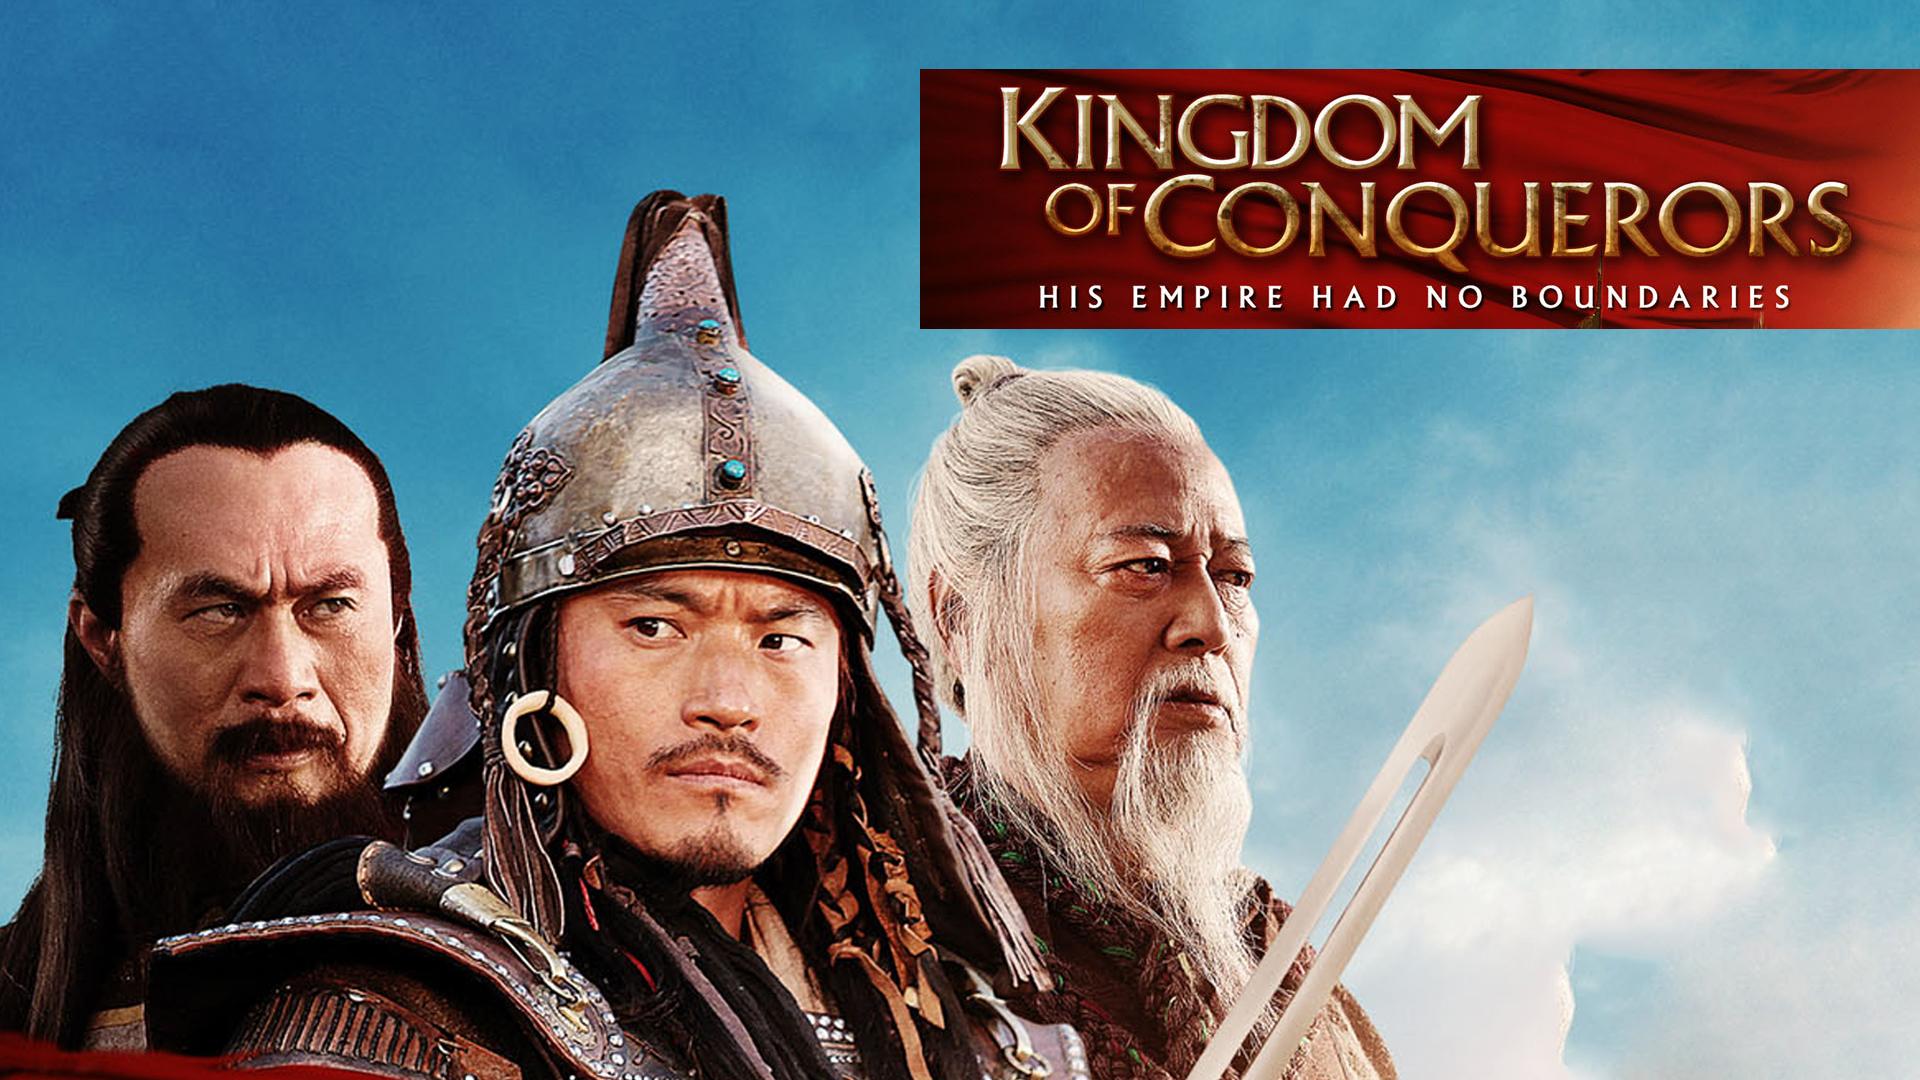 Kingdom of Conquerors